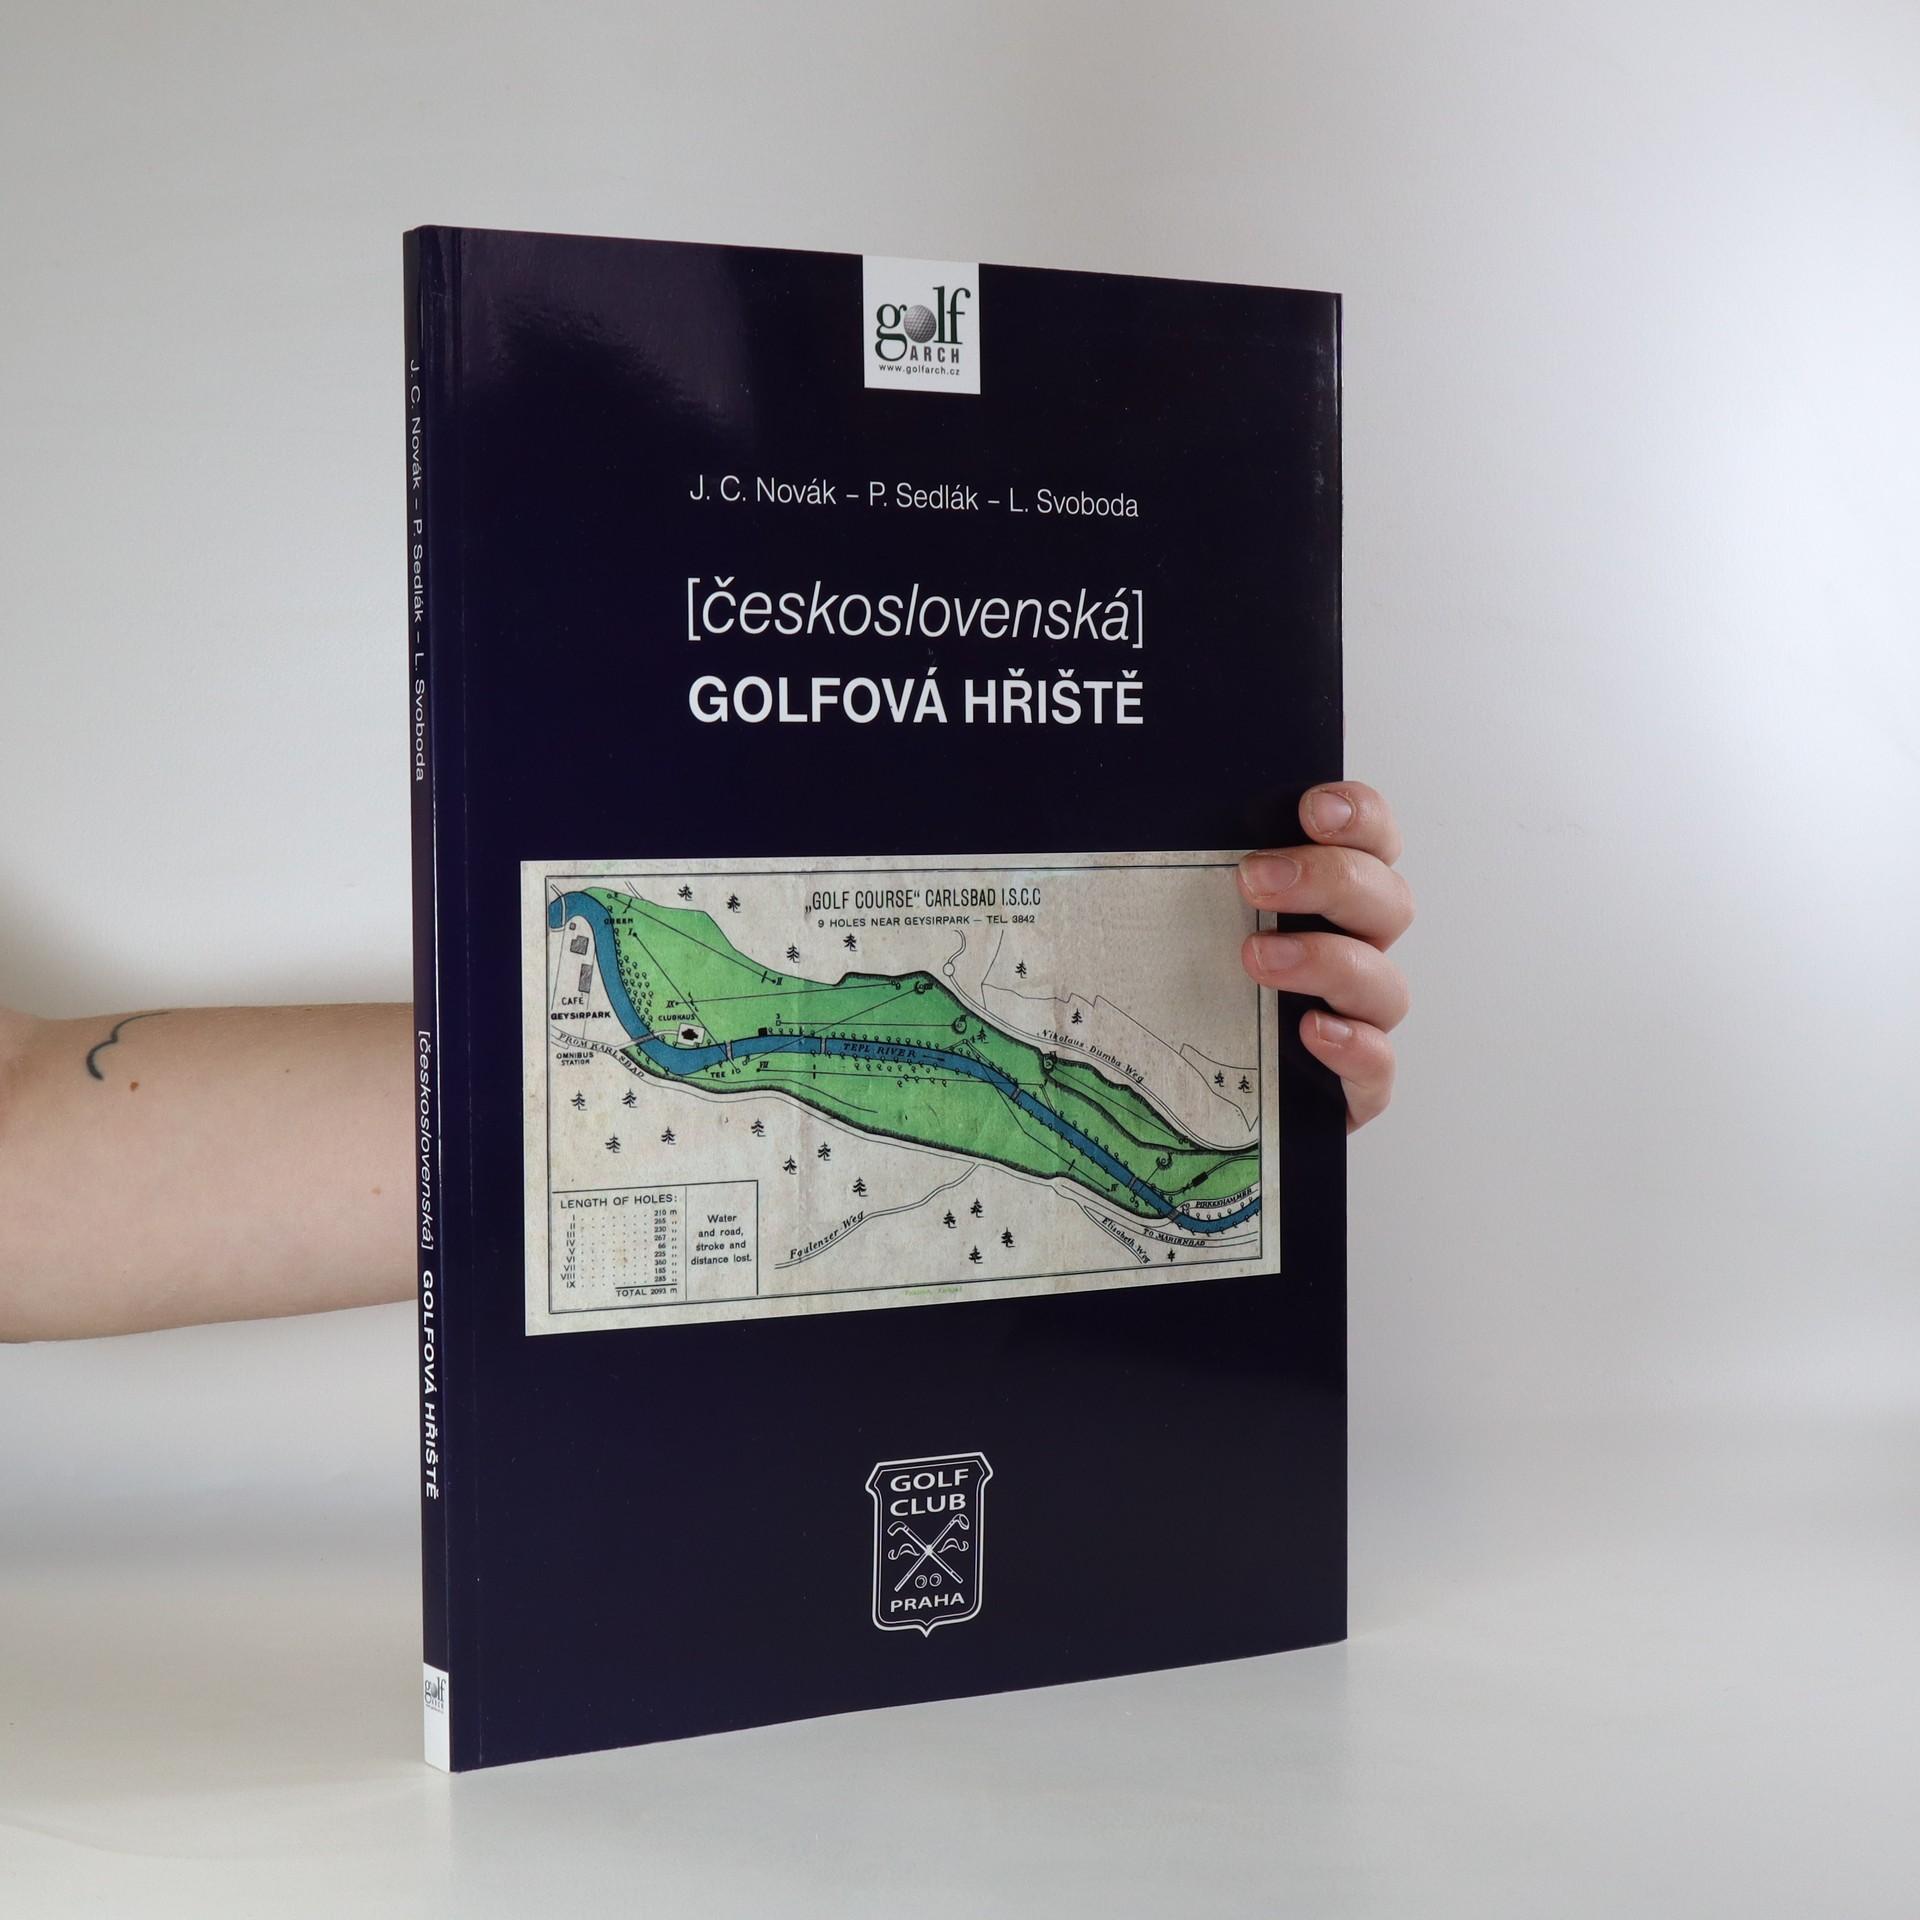 antikvární kniha Československá golfová hřiště, 2013